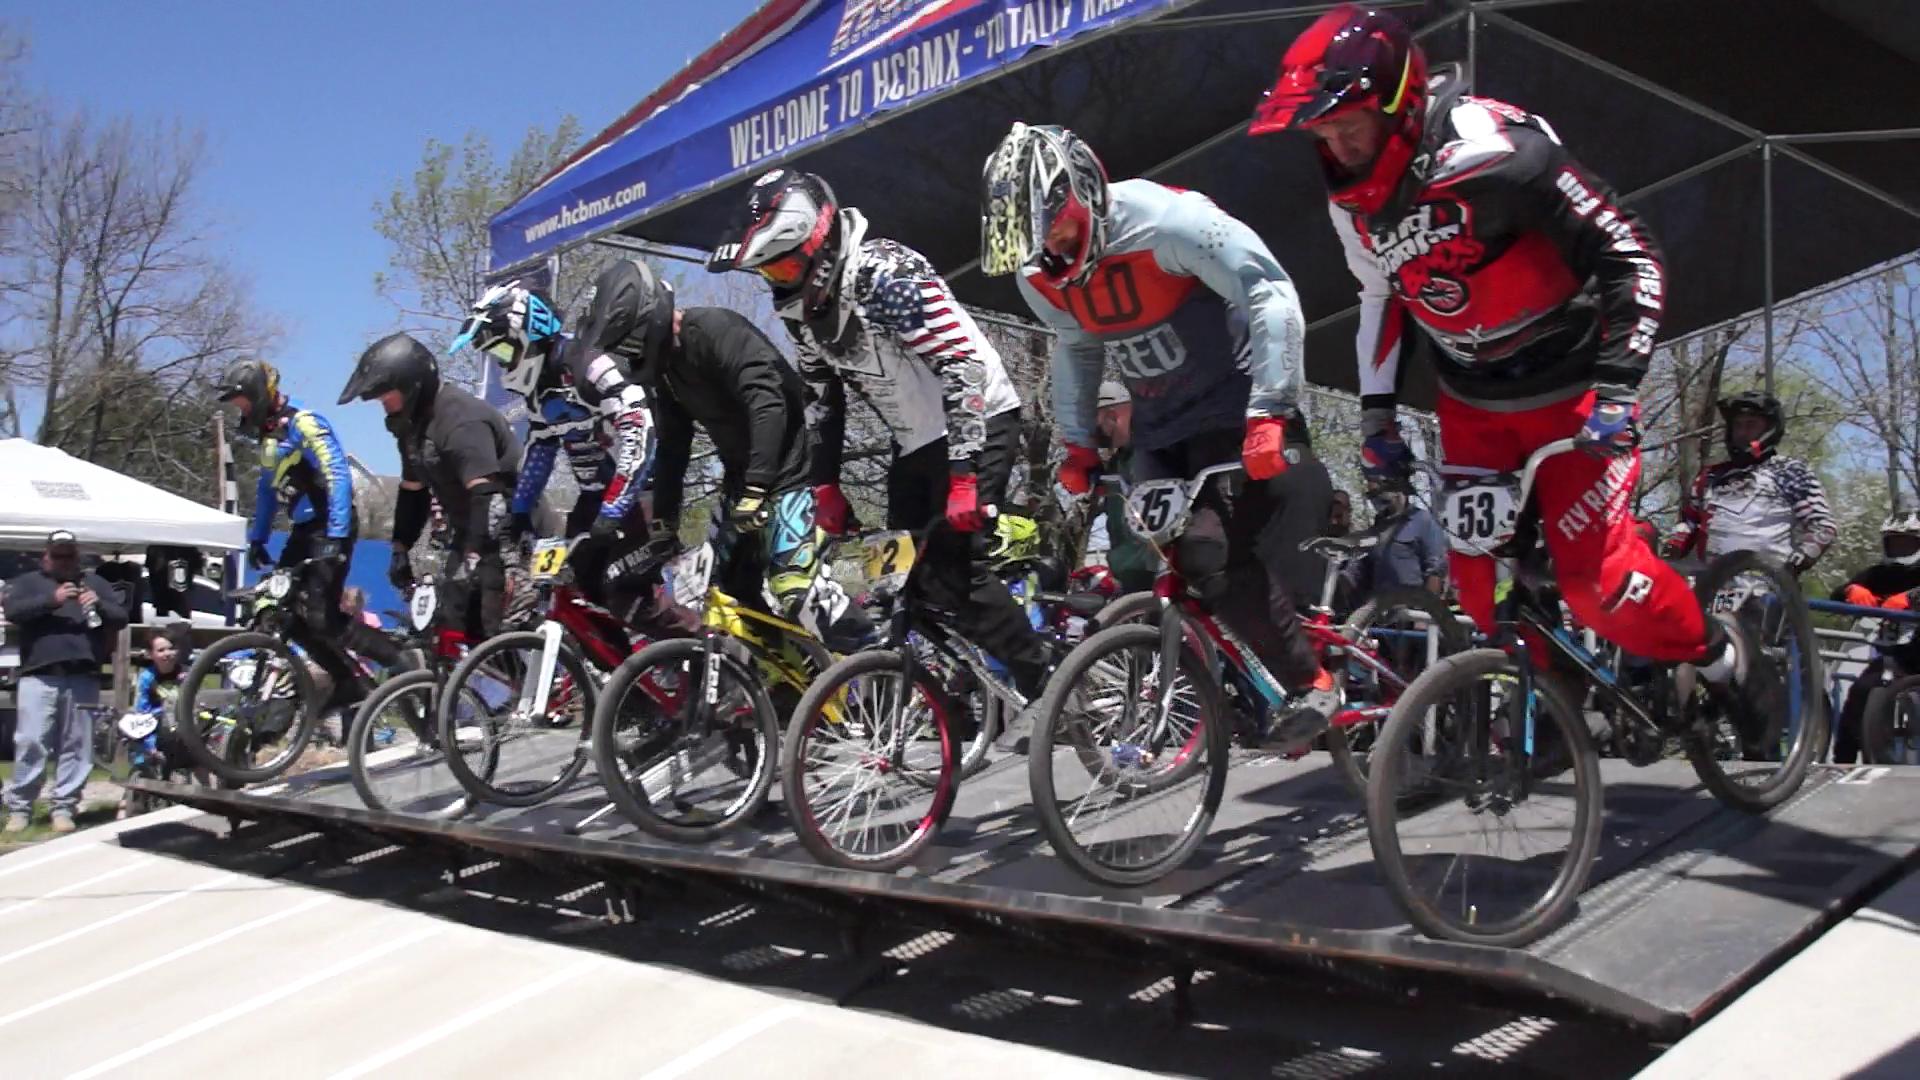 BMX Racing over 40